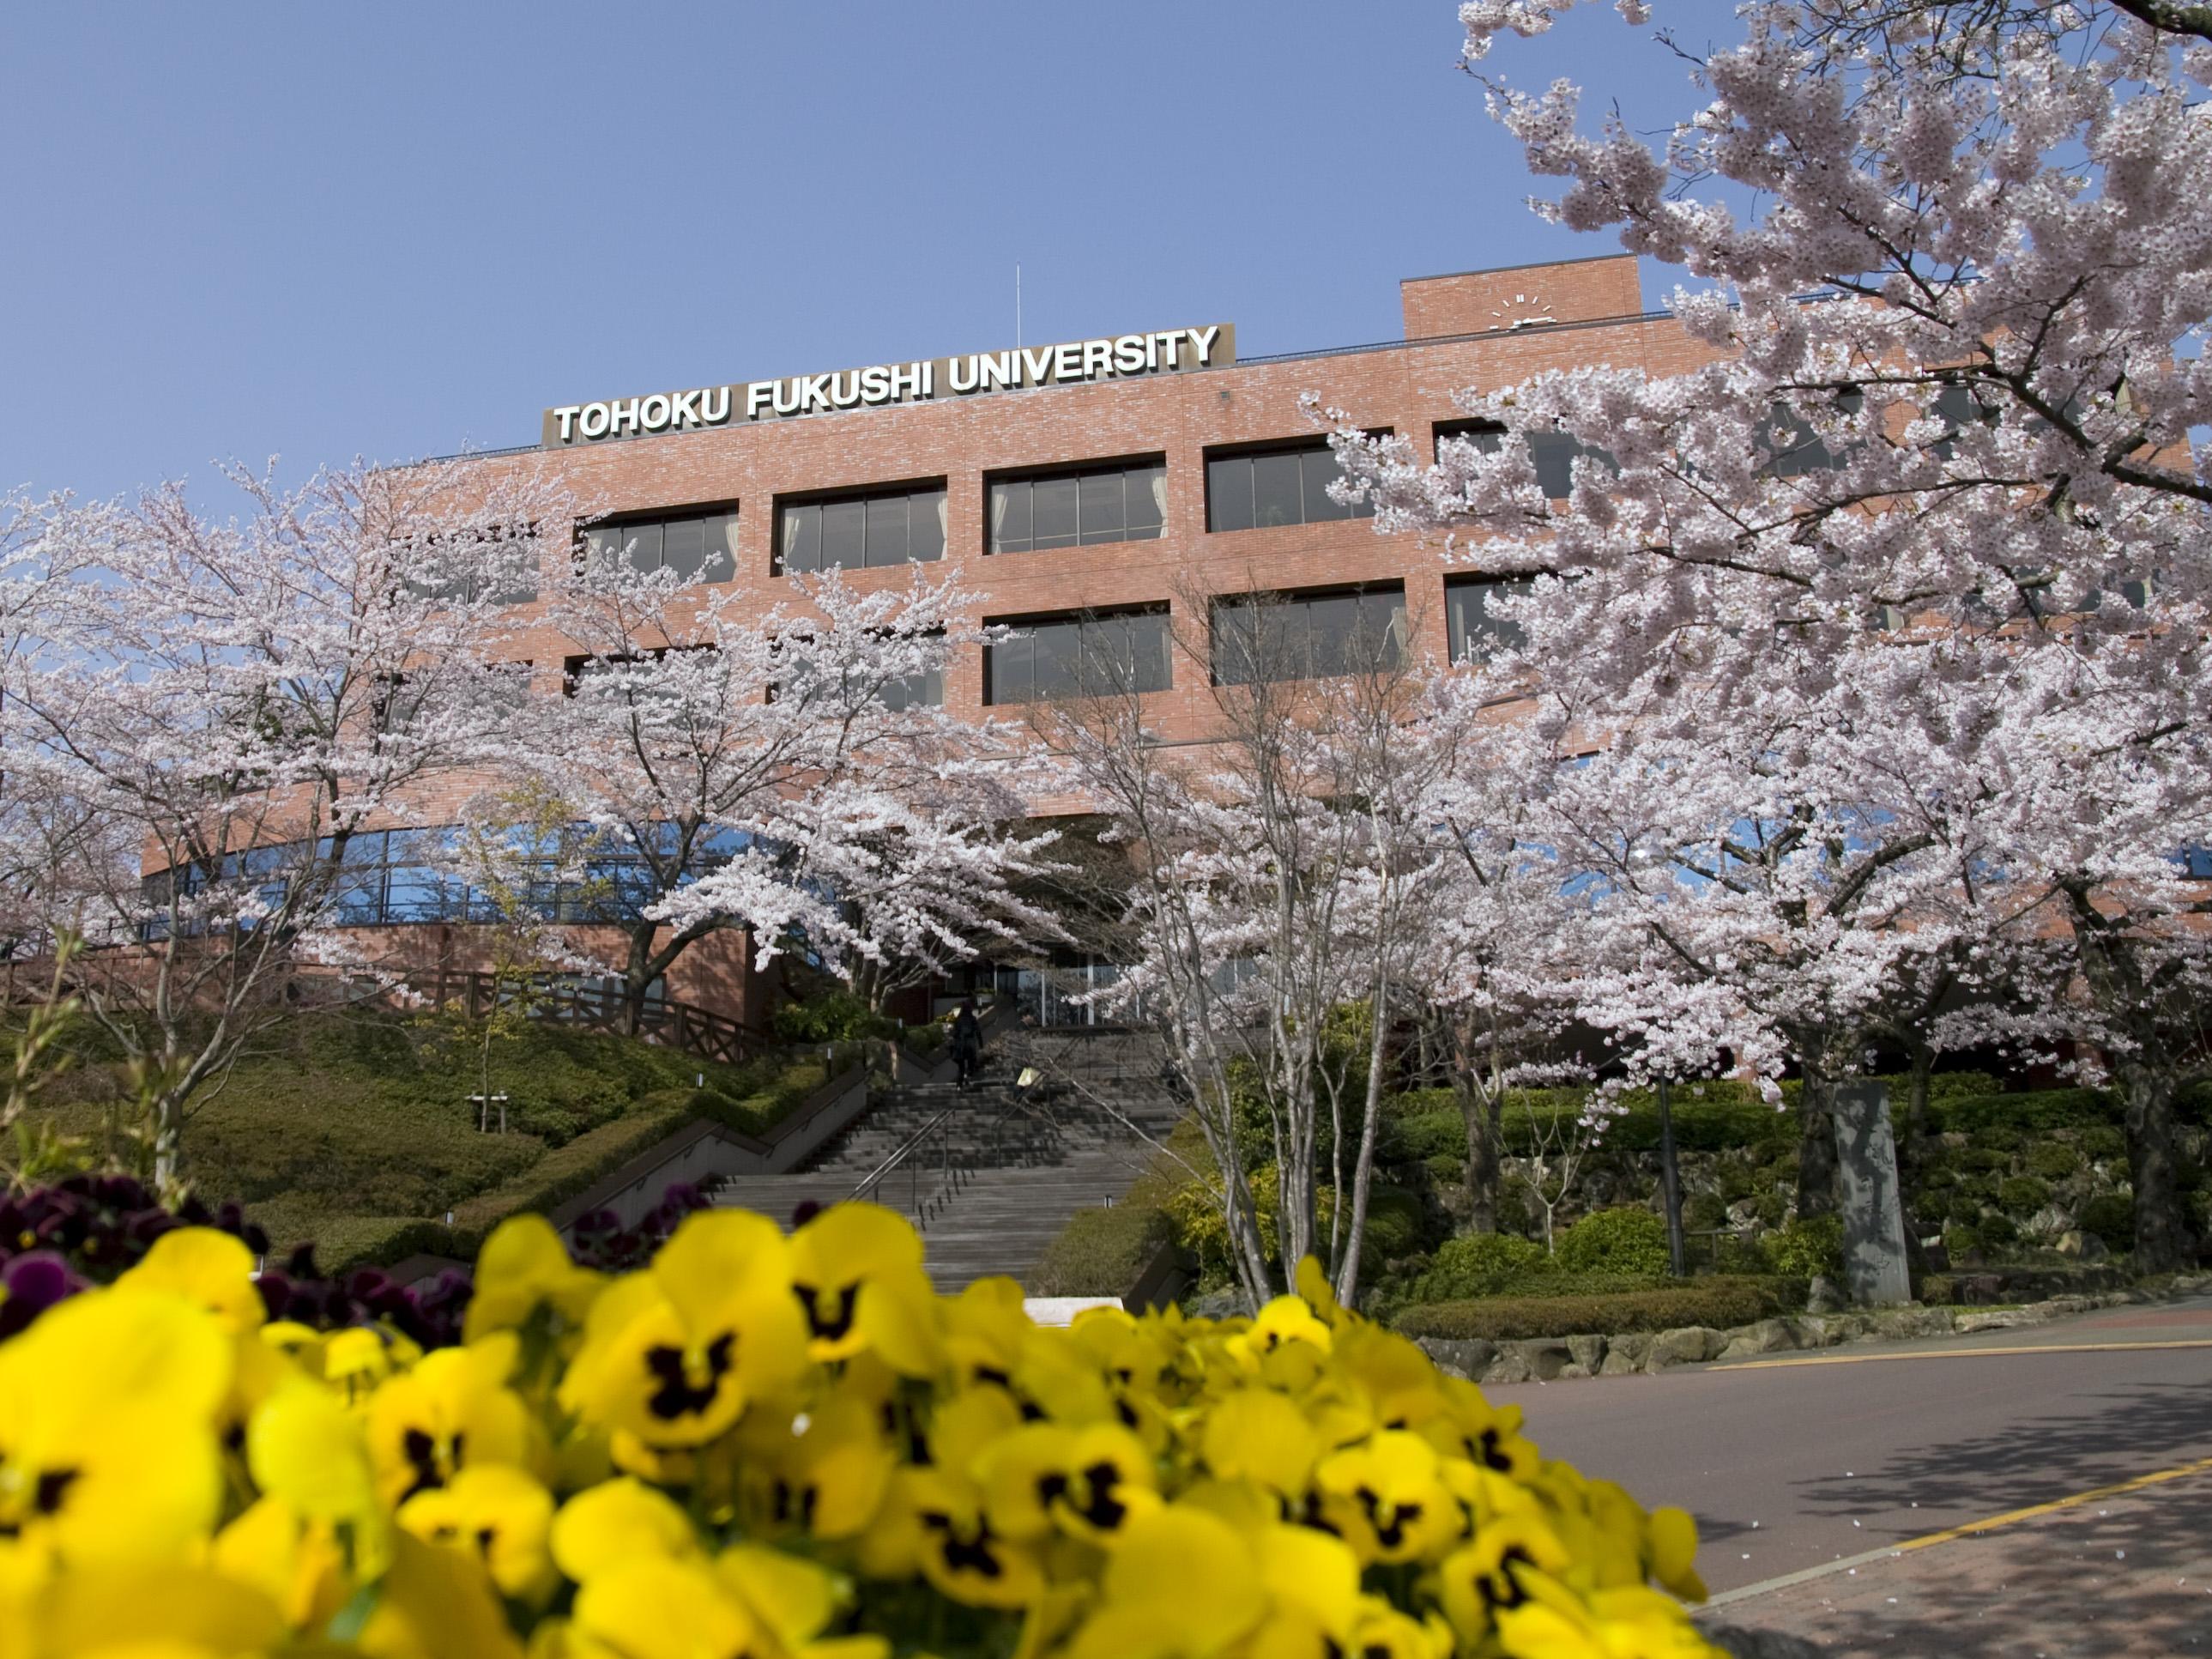 東北 福祉 大学 東北 福祉 大学